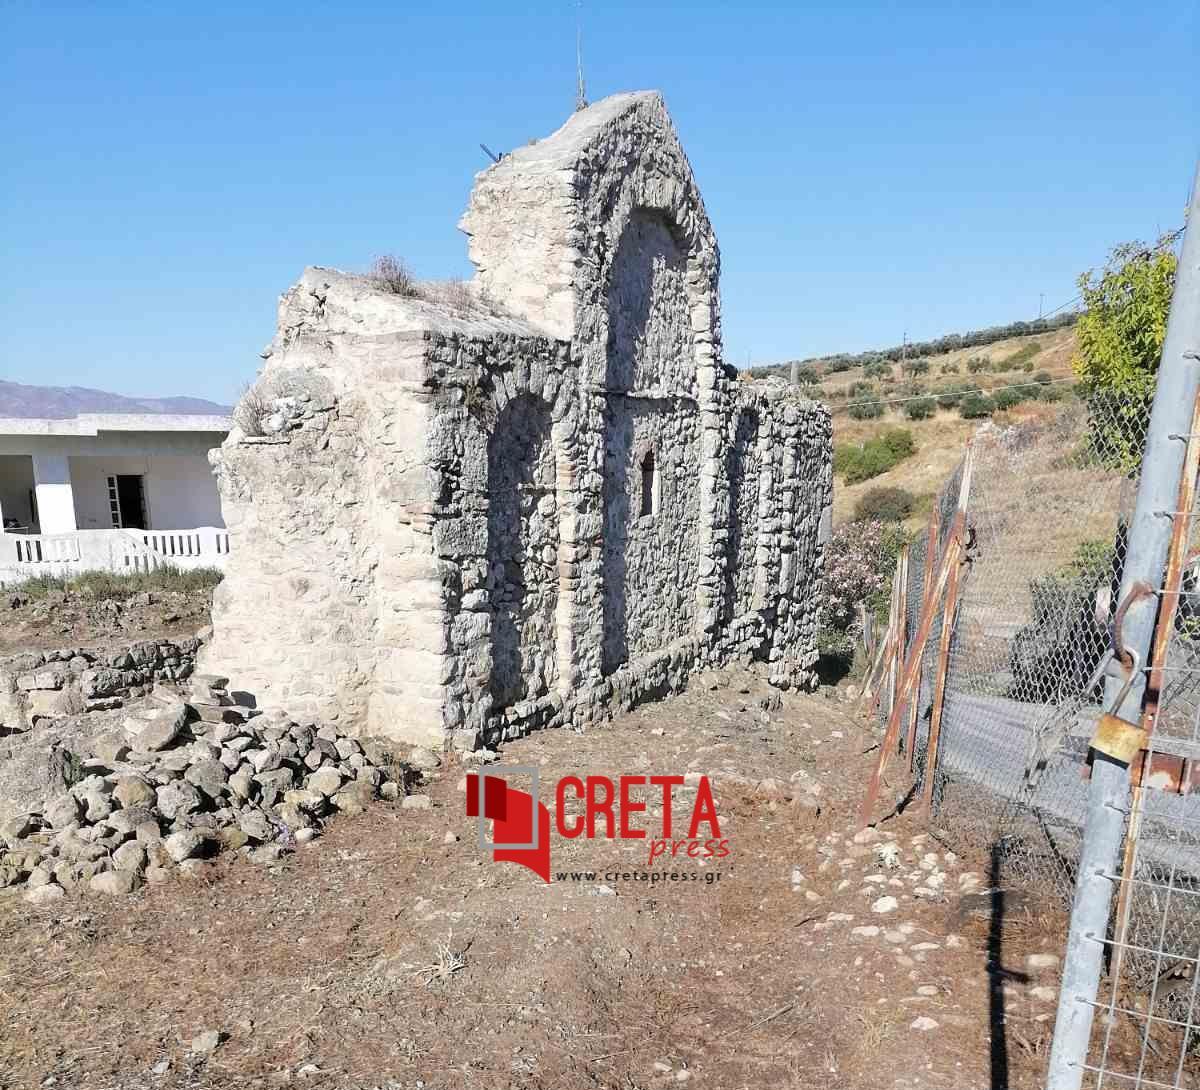 Θεία Λειτουργία στην Αγία Τριάδα Λιγορτύνου (Αρχαιολογικό Μνημείο)